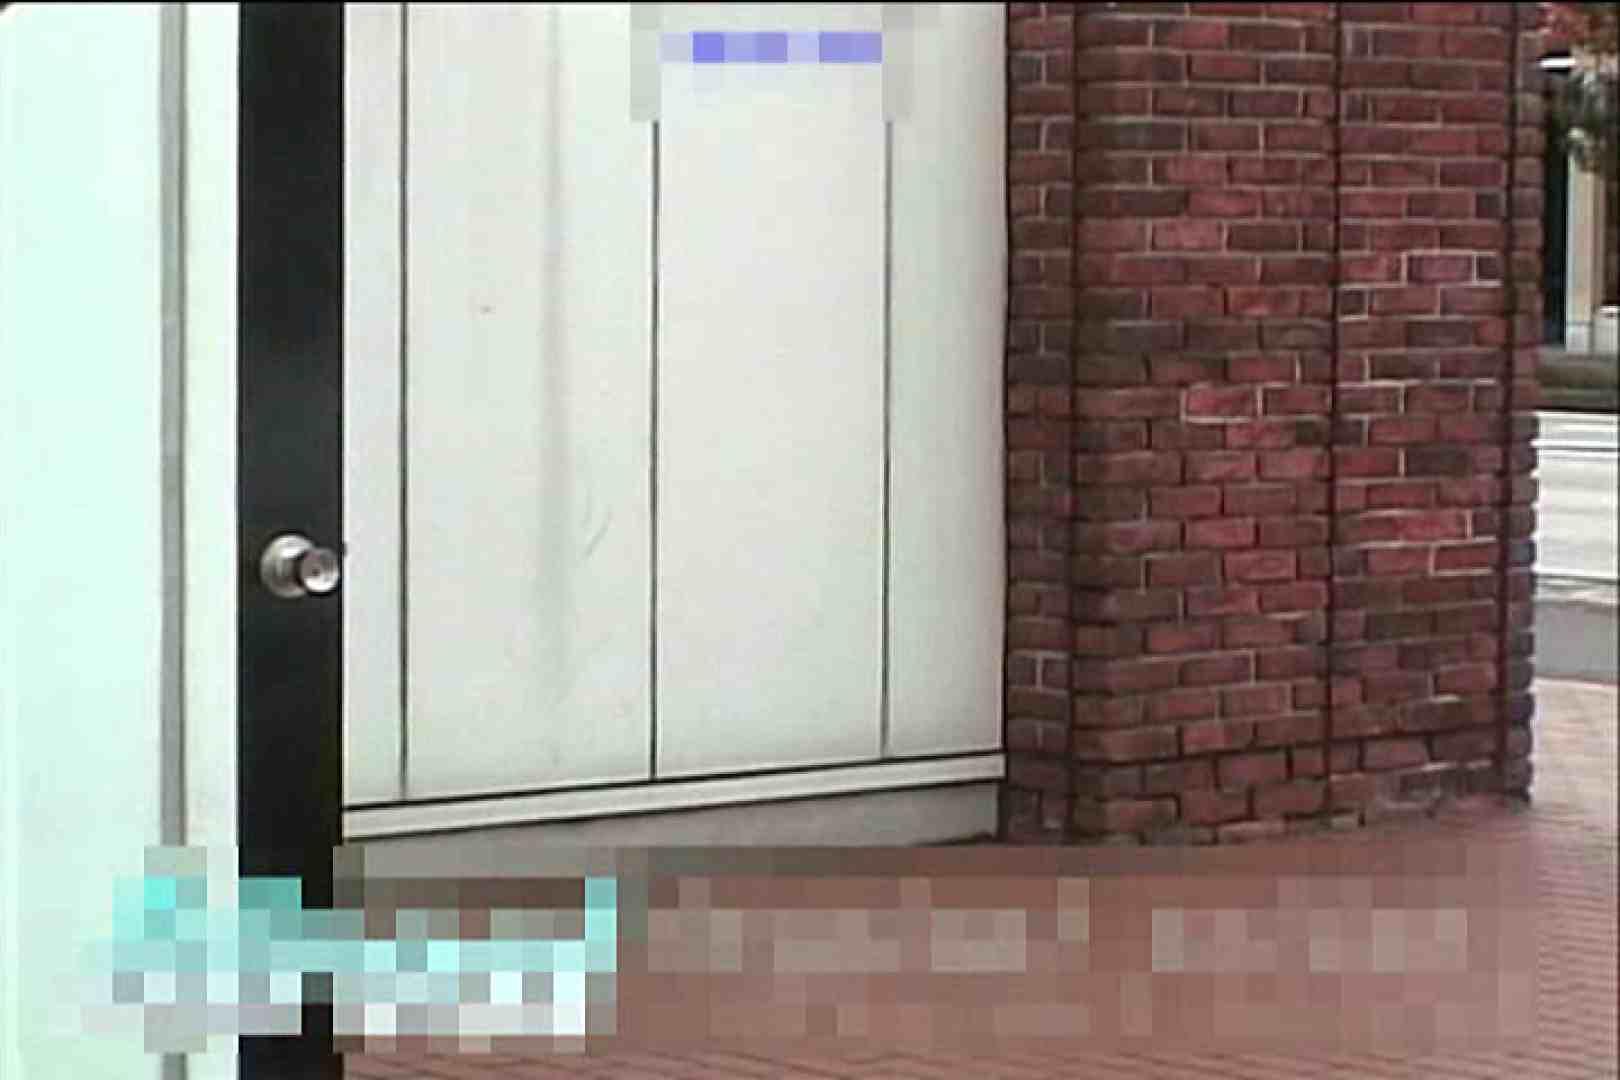 2点盗撮洗面所潜入レポートVol.4 美女OL オマンコ無修正動画無料 54連発 7